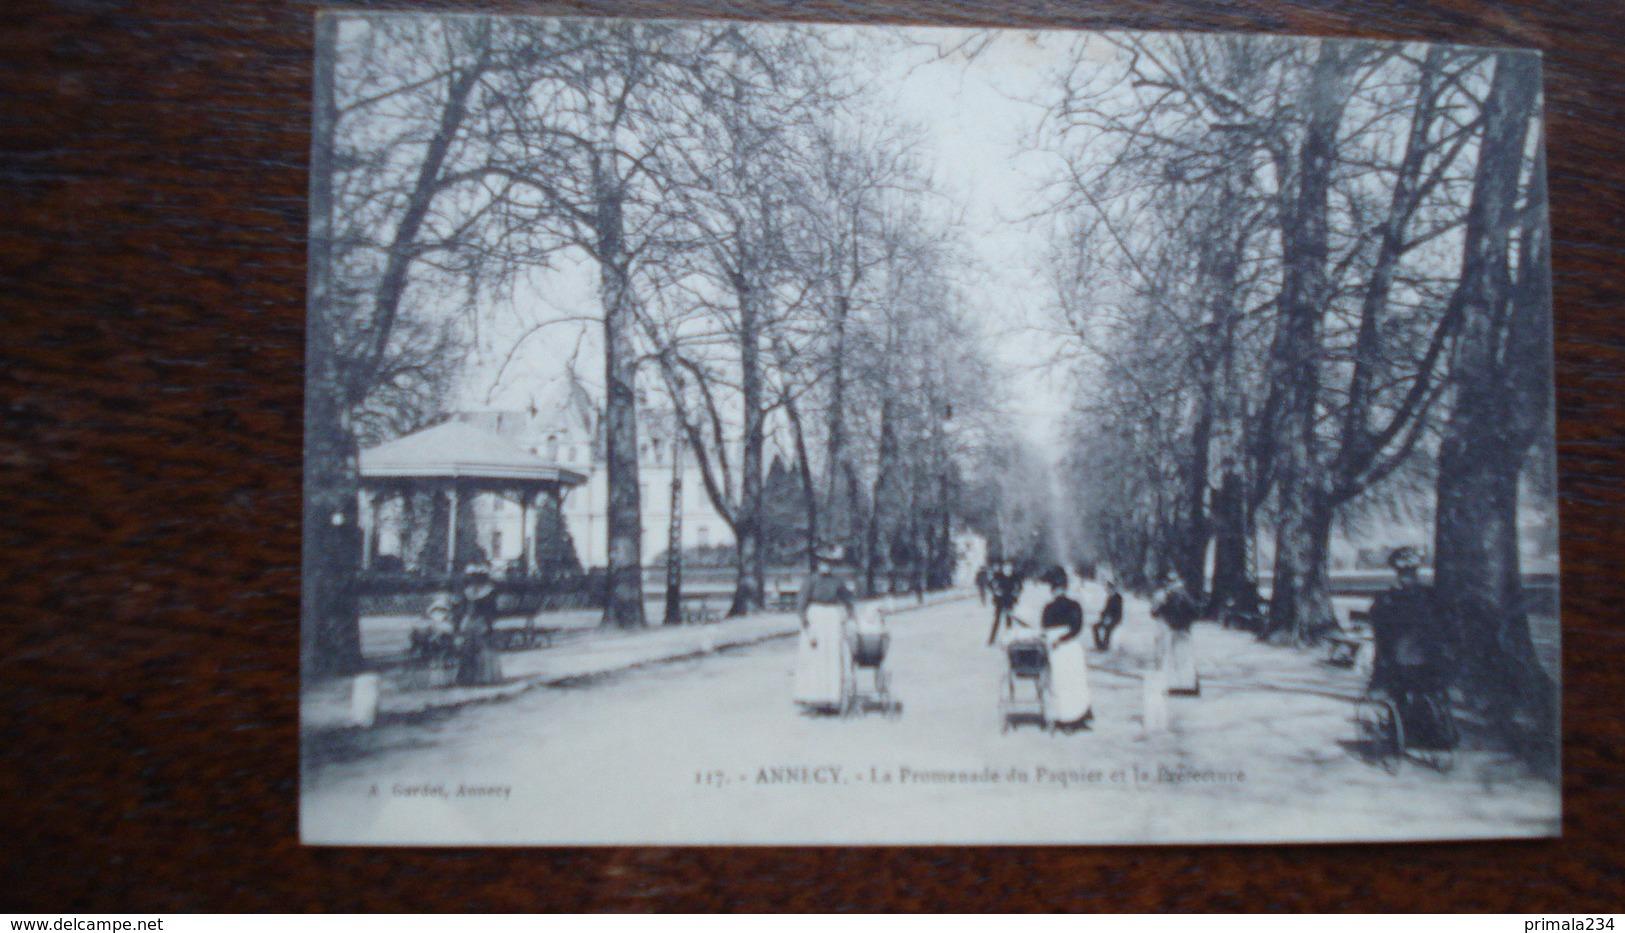 ANNECY -PROMENADE DU PAQUIER - Annecy